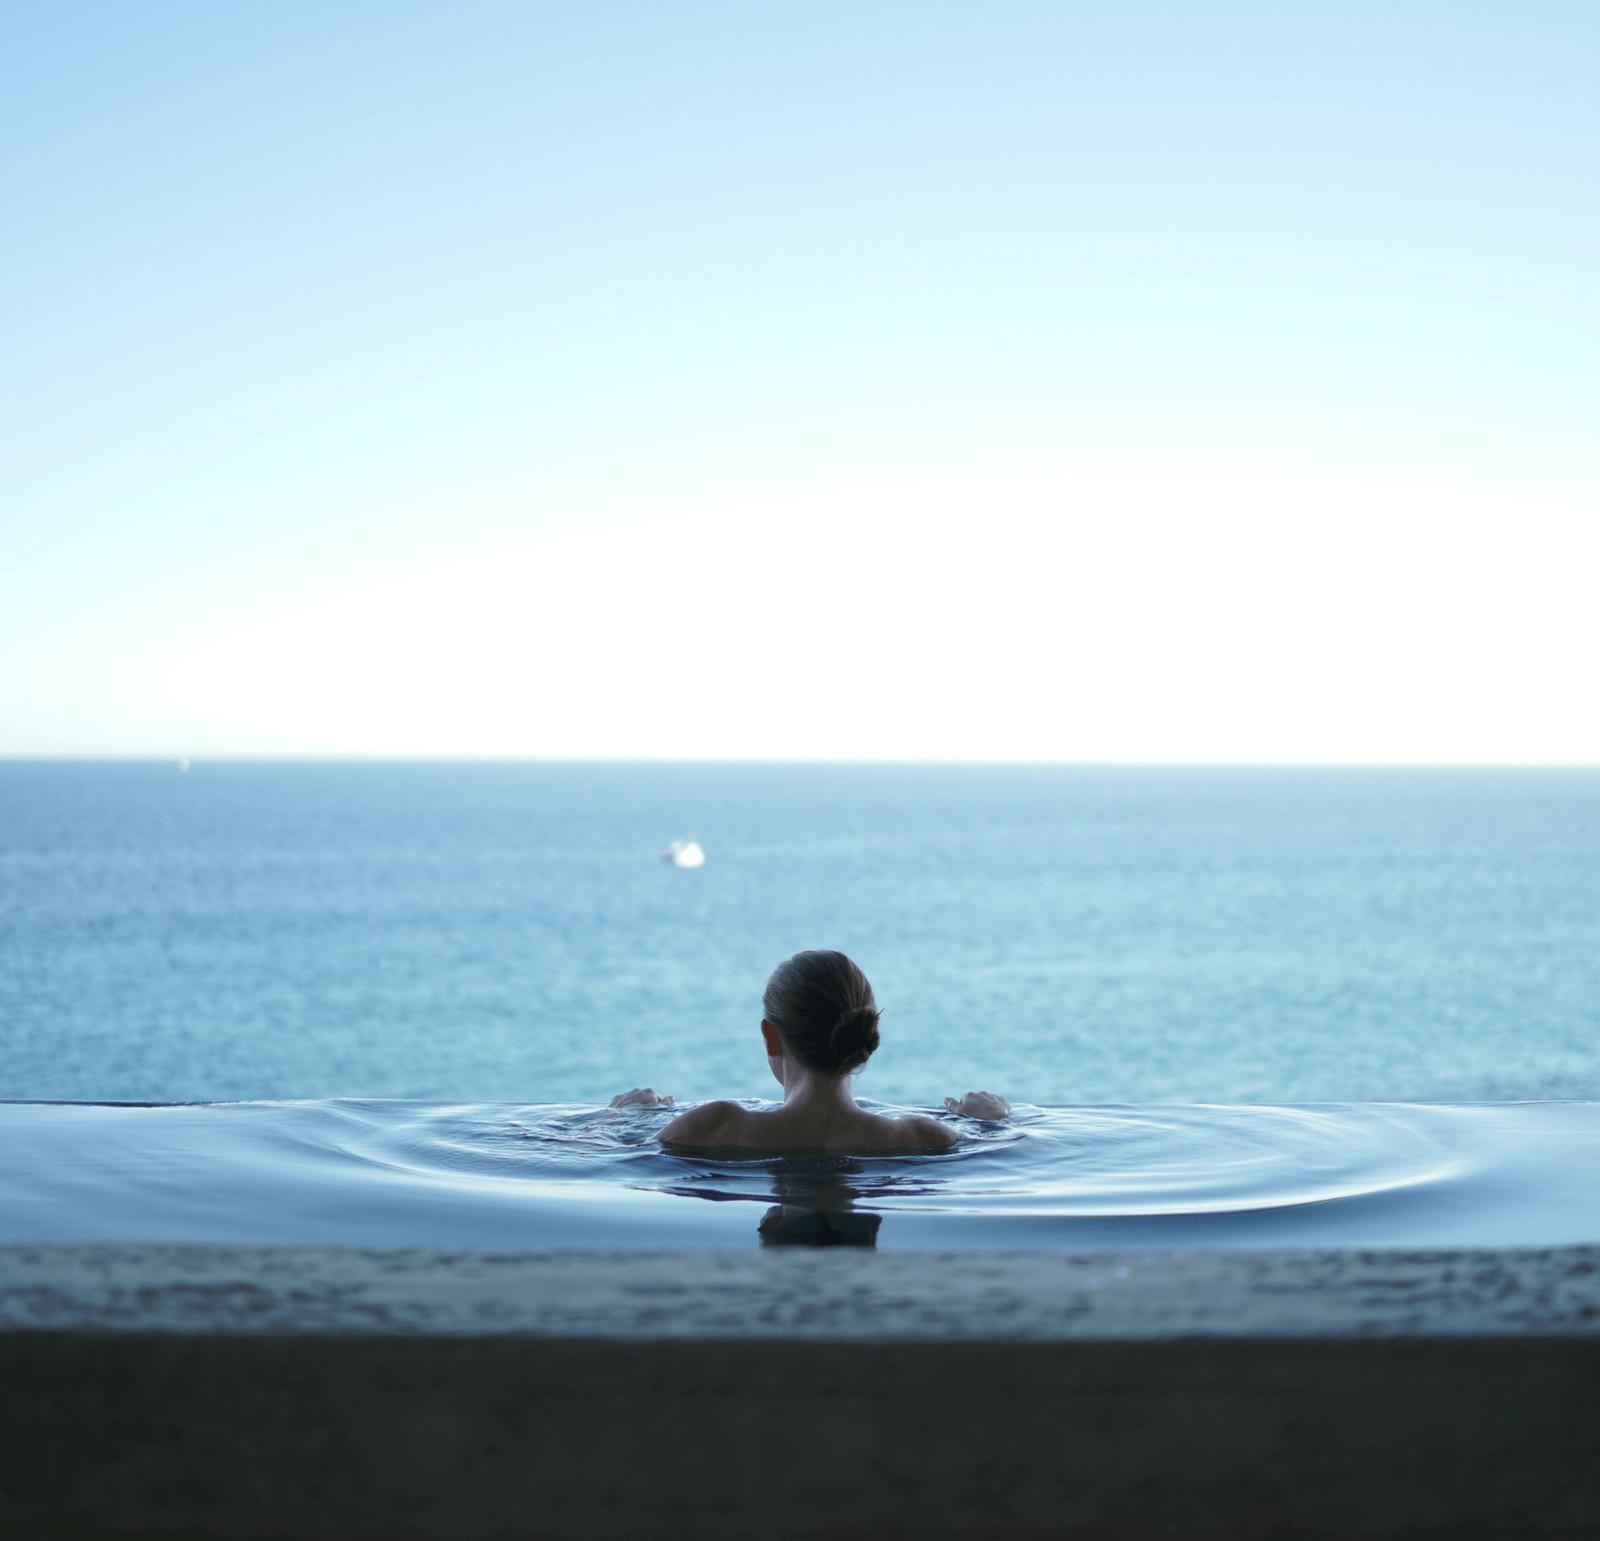 mantenimiento-de-piscinas-foto-pequeña